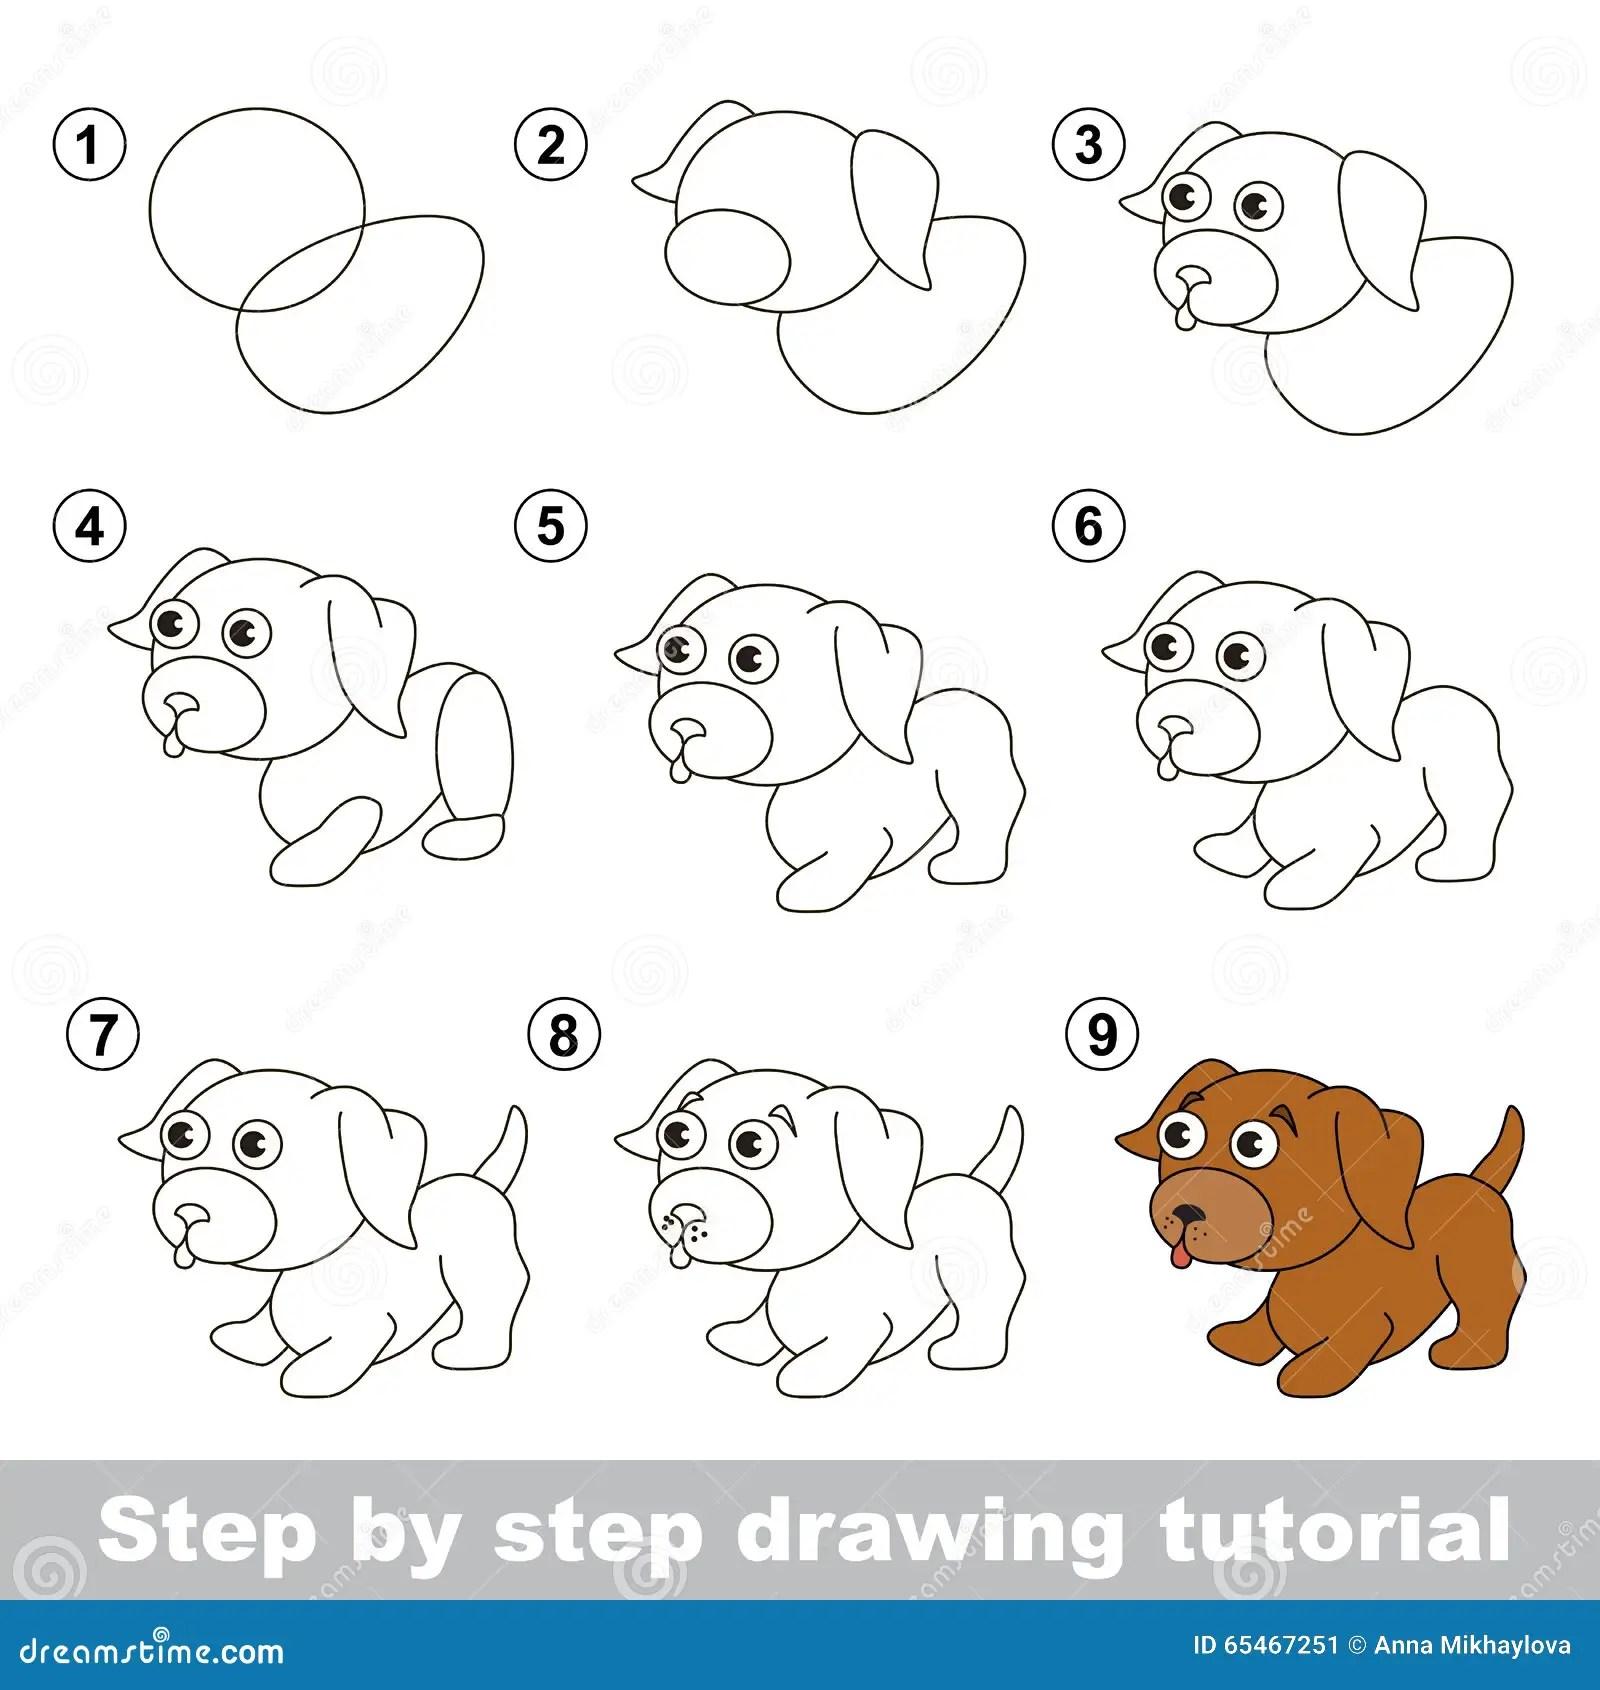 Zeichnendes Tutorium Wie Man Einen Kleinen Welpen Zeichnet